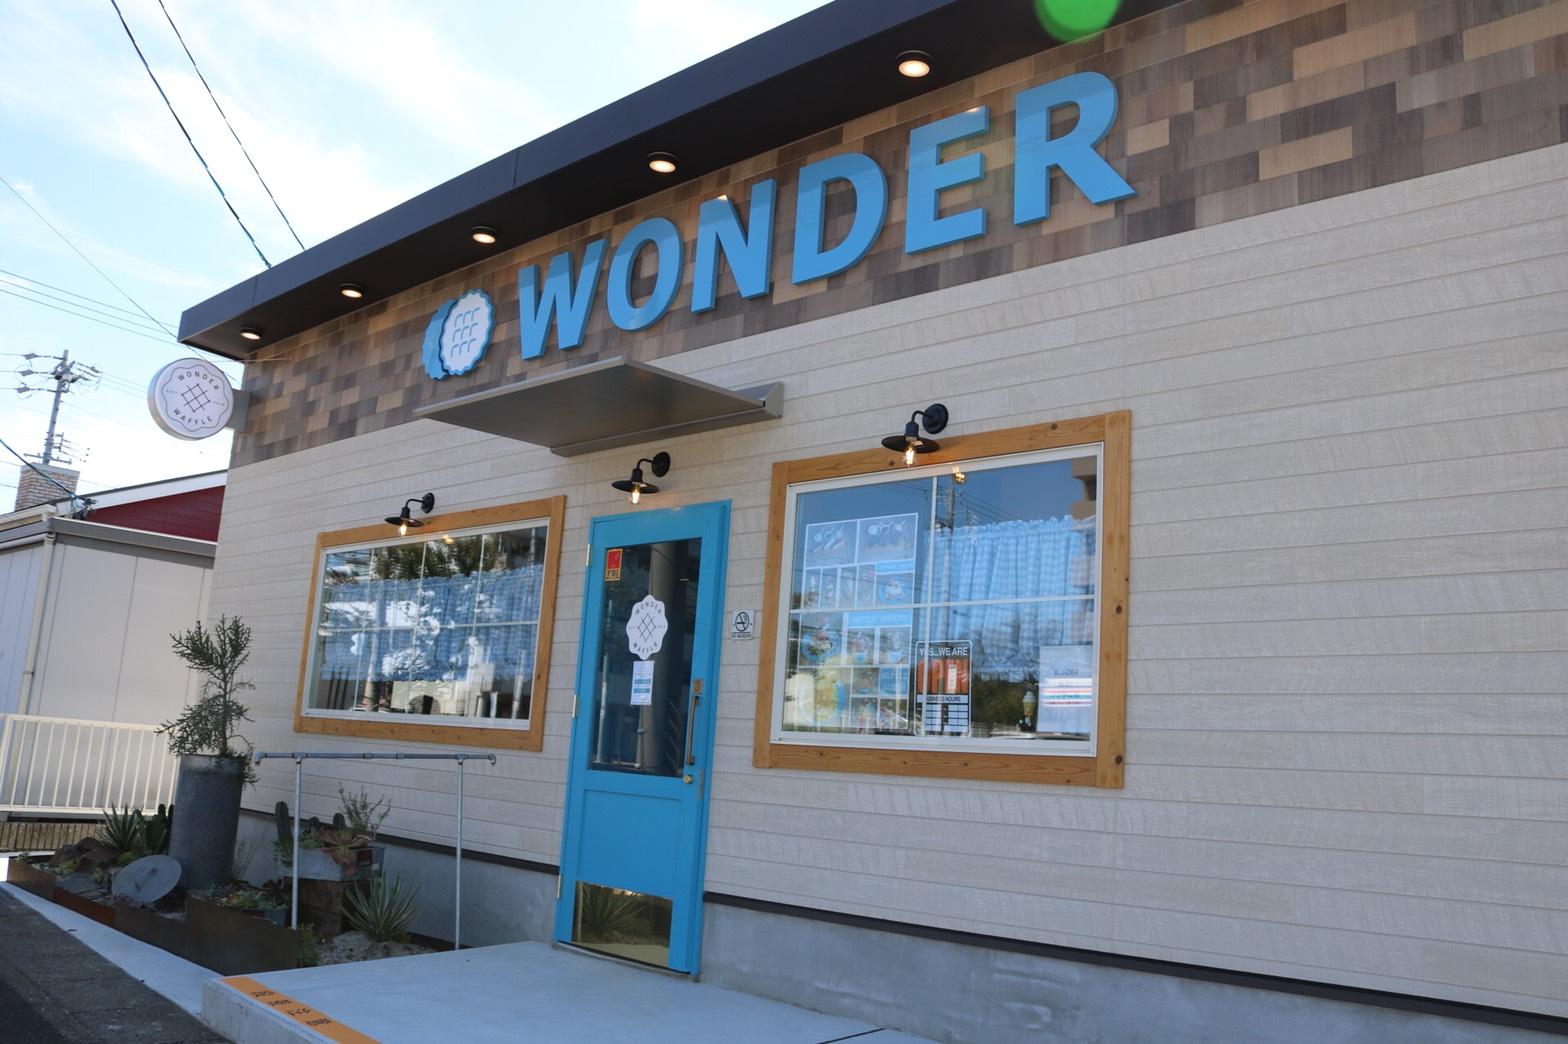 ケーキ屋さんが手掛ける焼きたてワッフルとスイーツのお店「Cafe WONDER」 - S  12189704